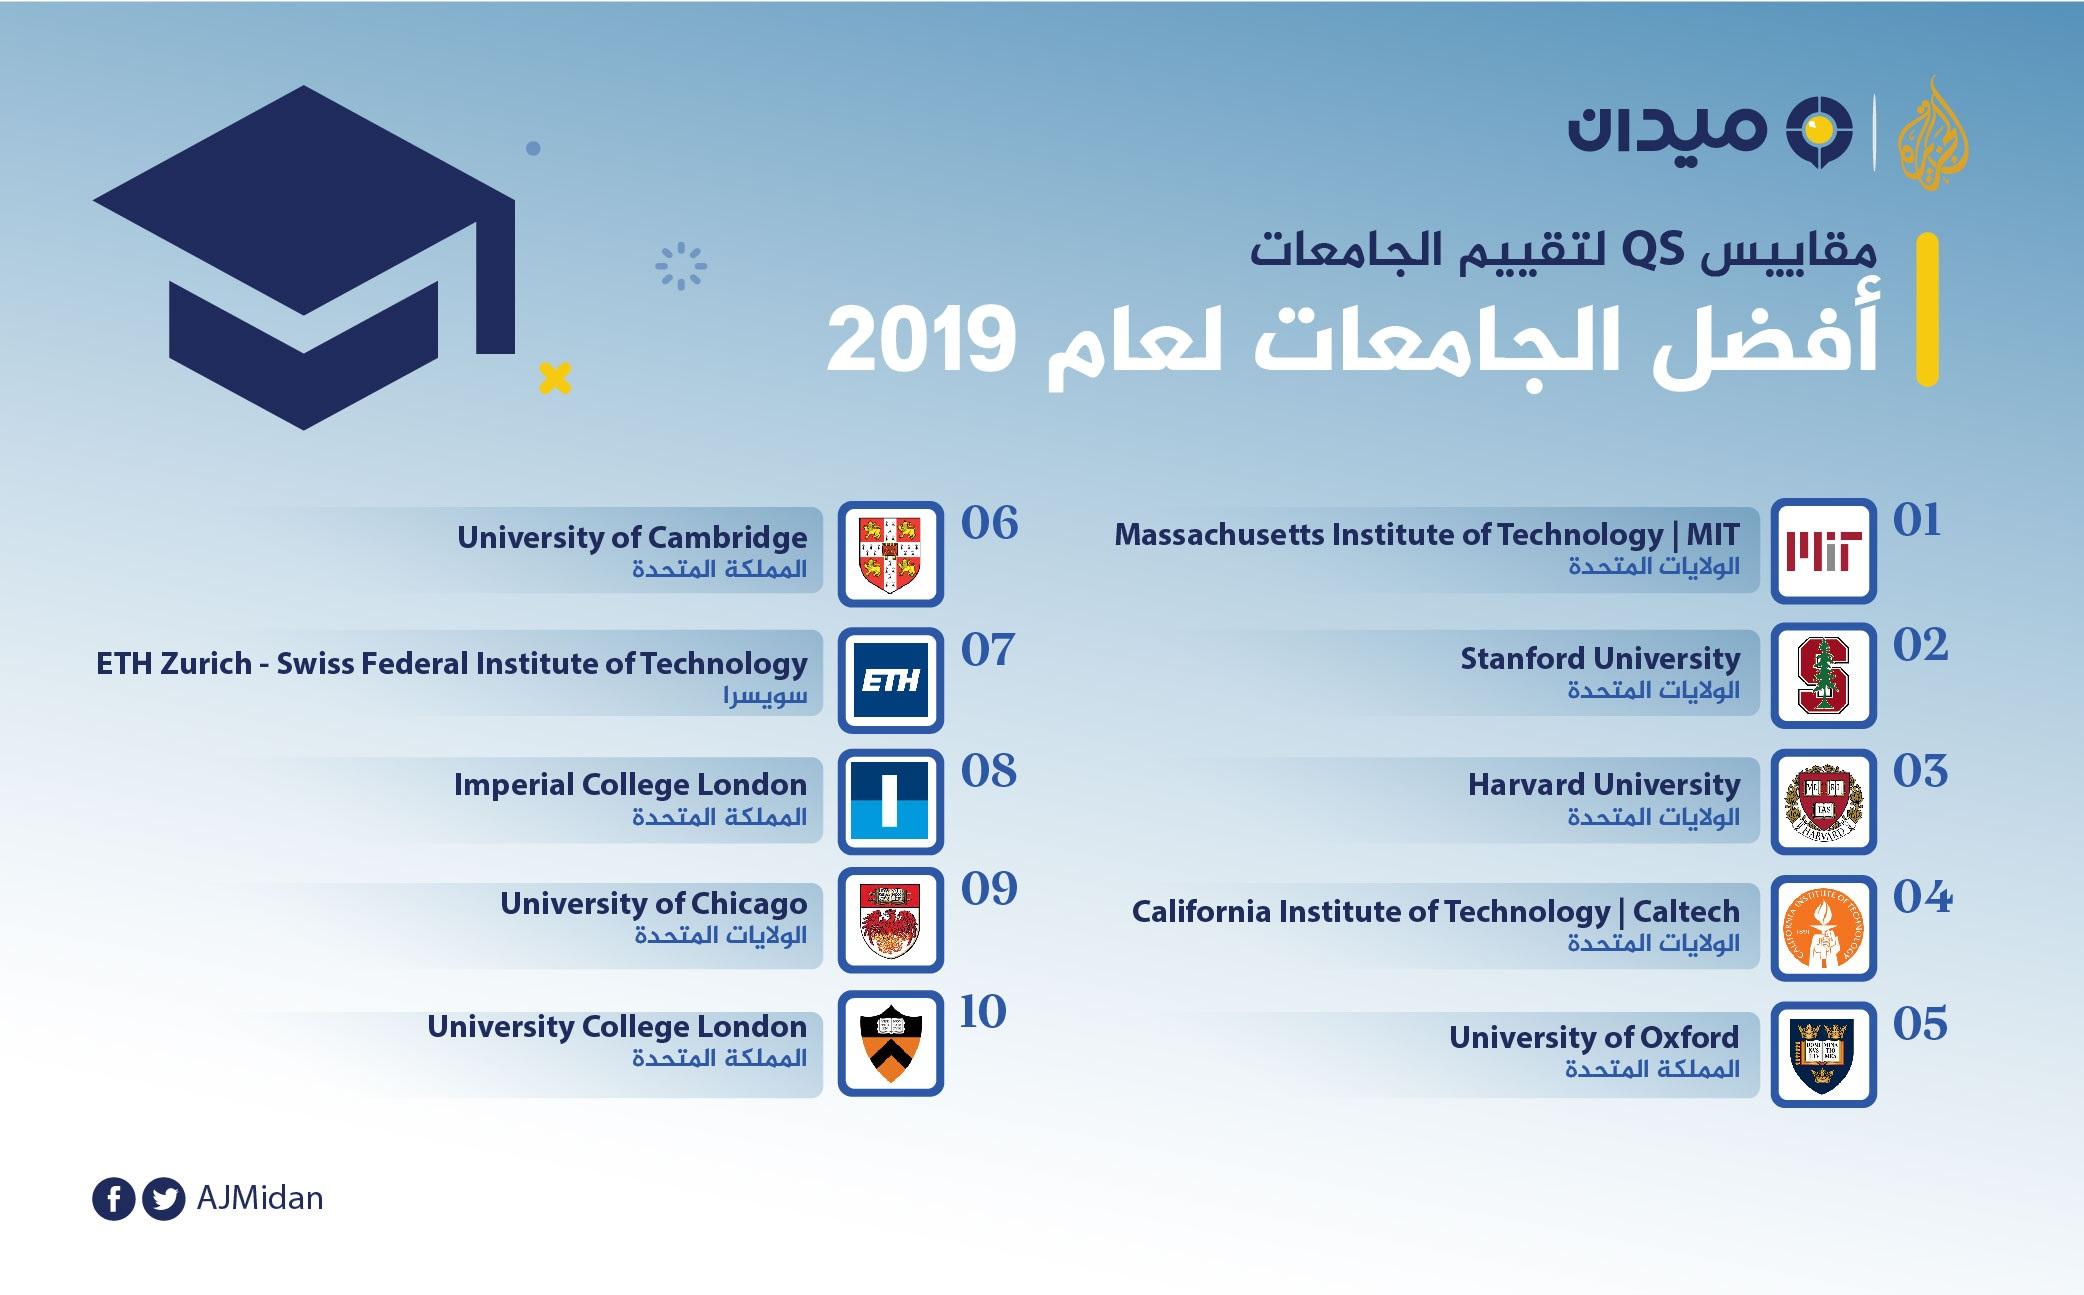 تصنيفات كيو أس تعرف على أفضل الجامعات العالمية لعام2019